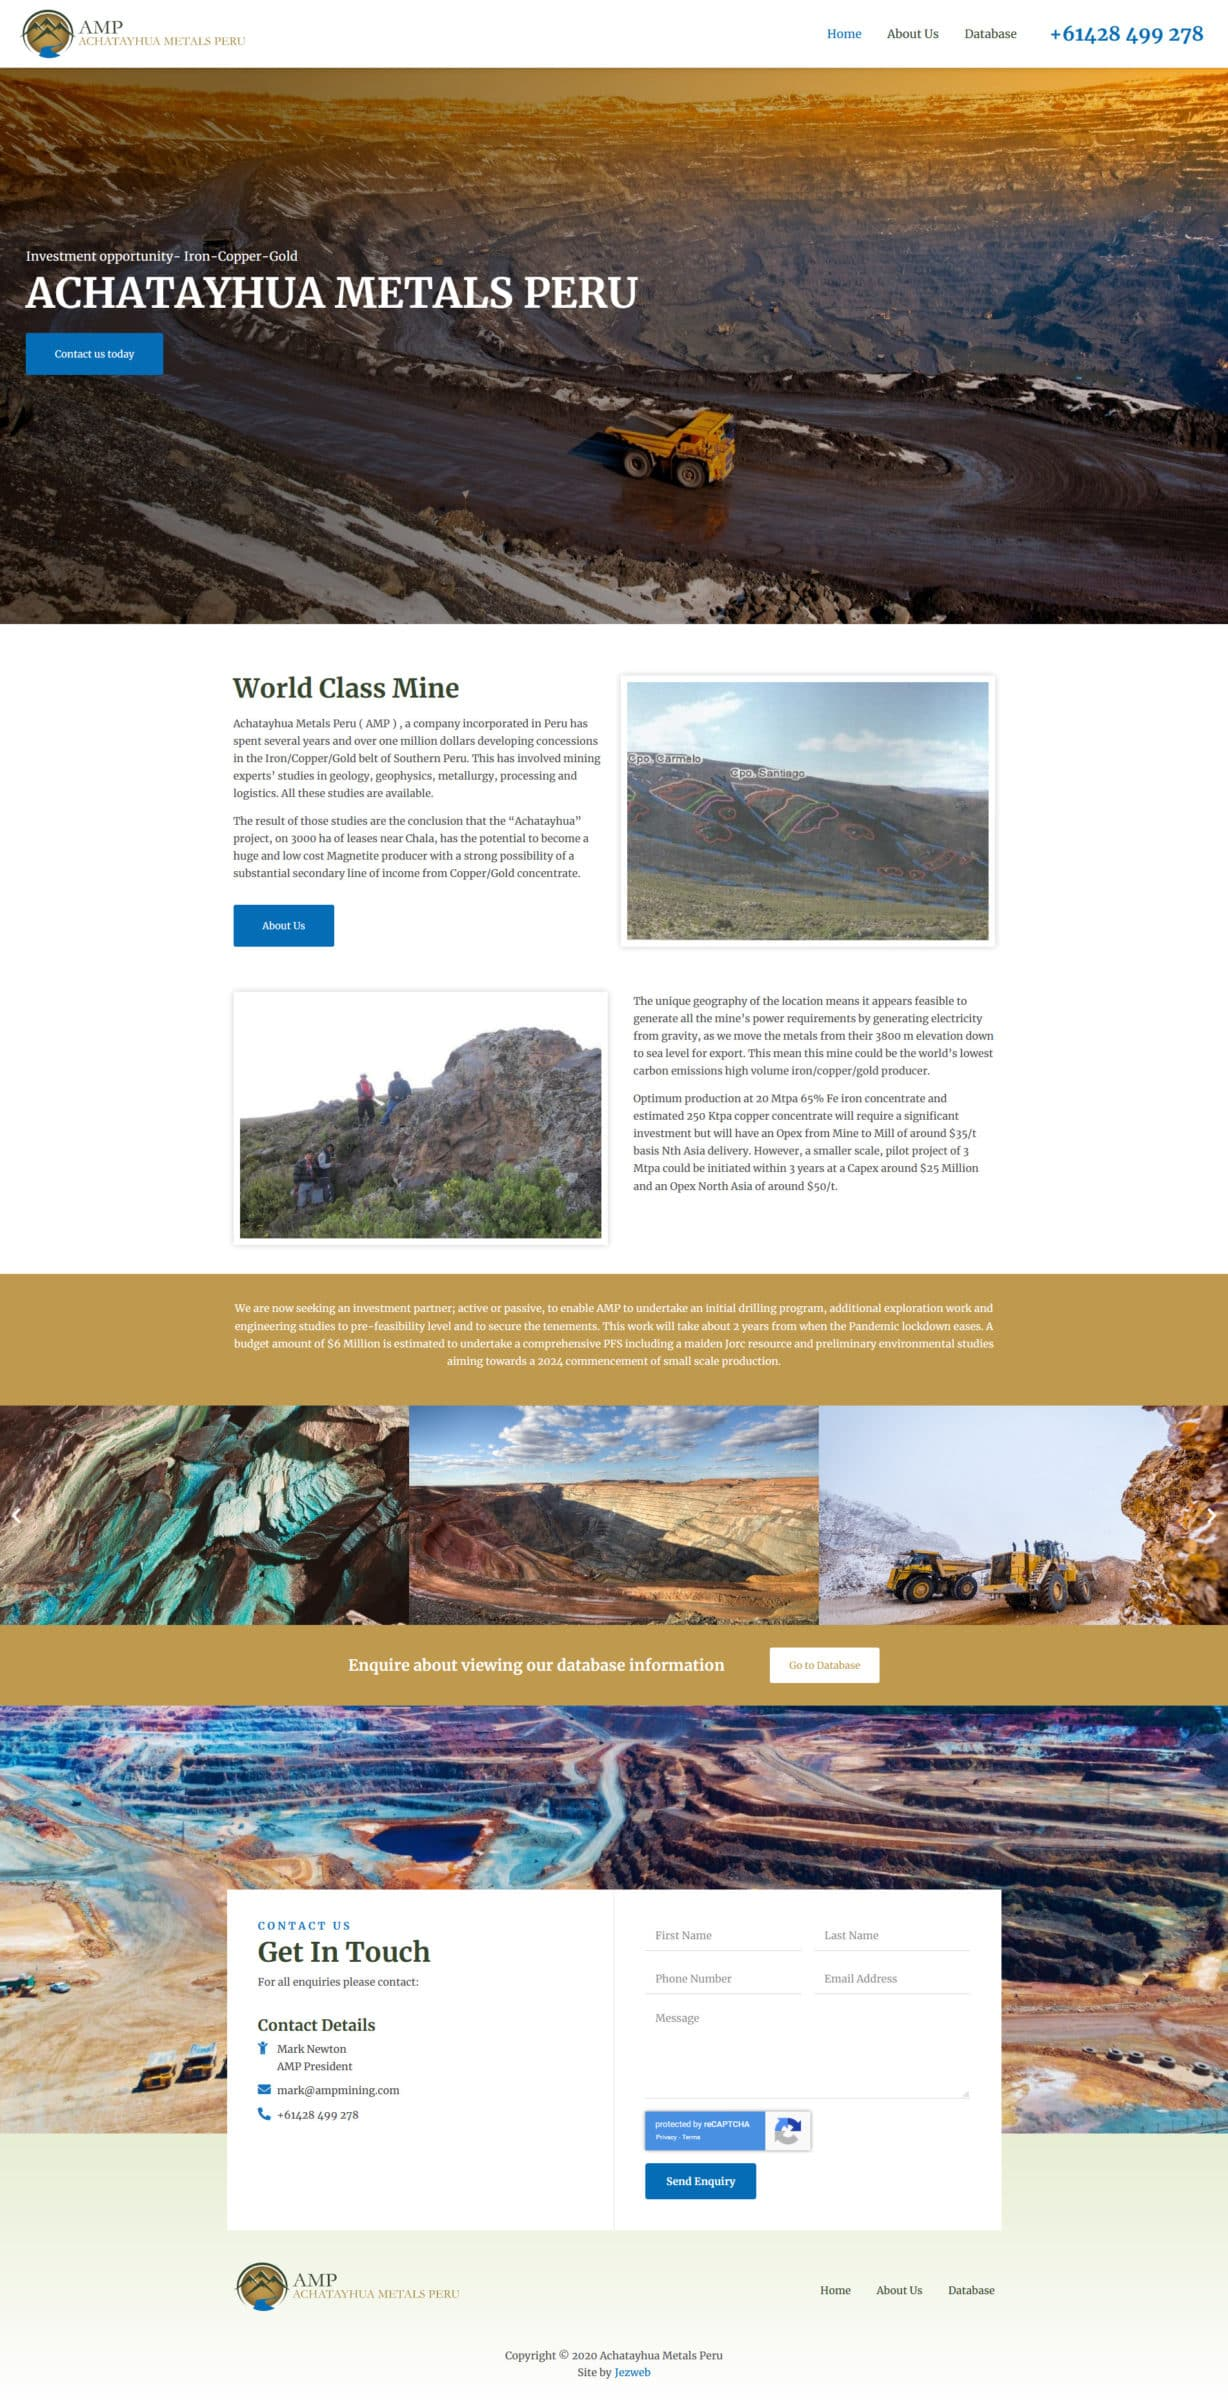 Achatayhua Metals Peru -